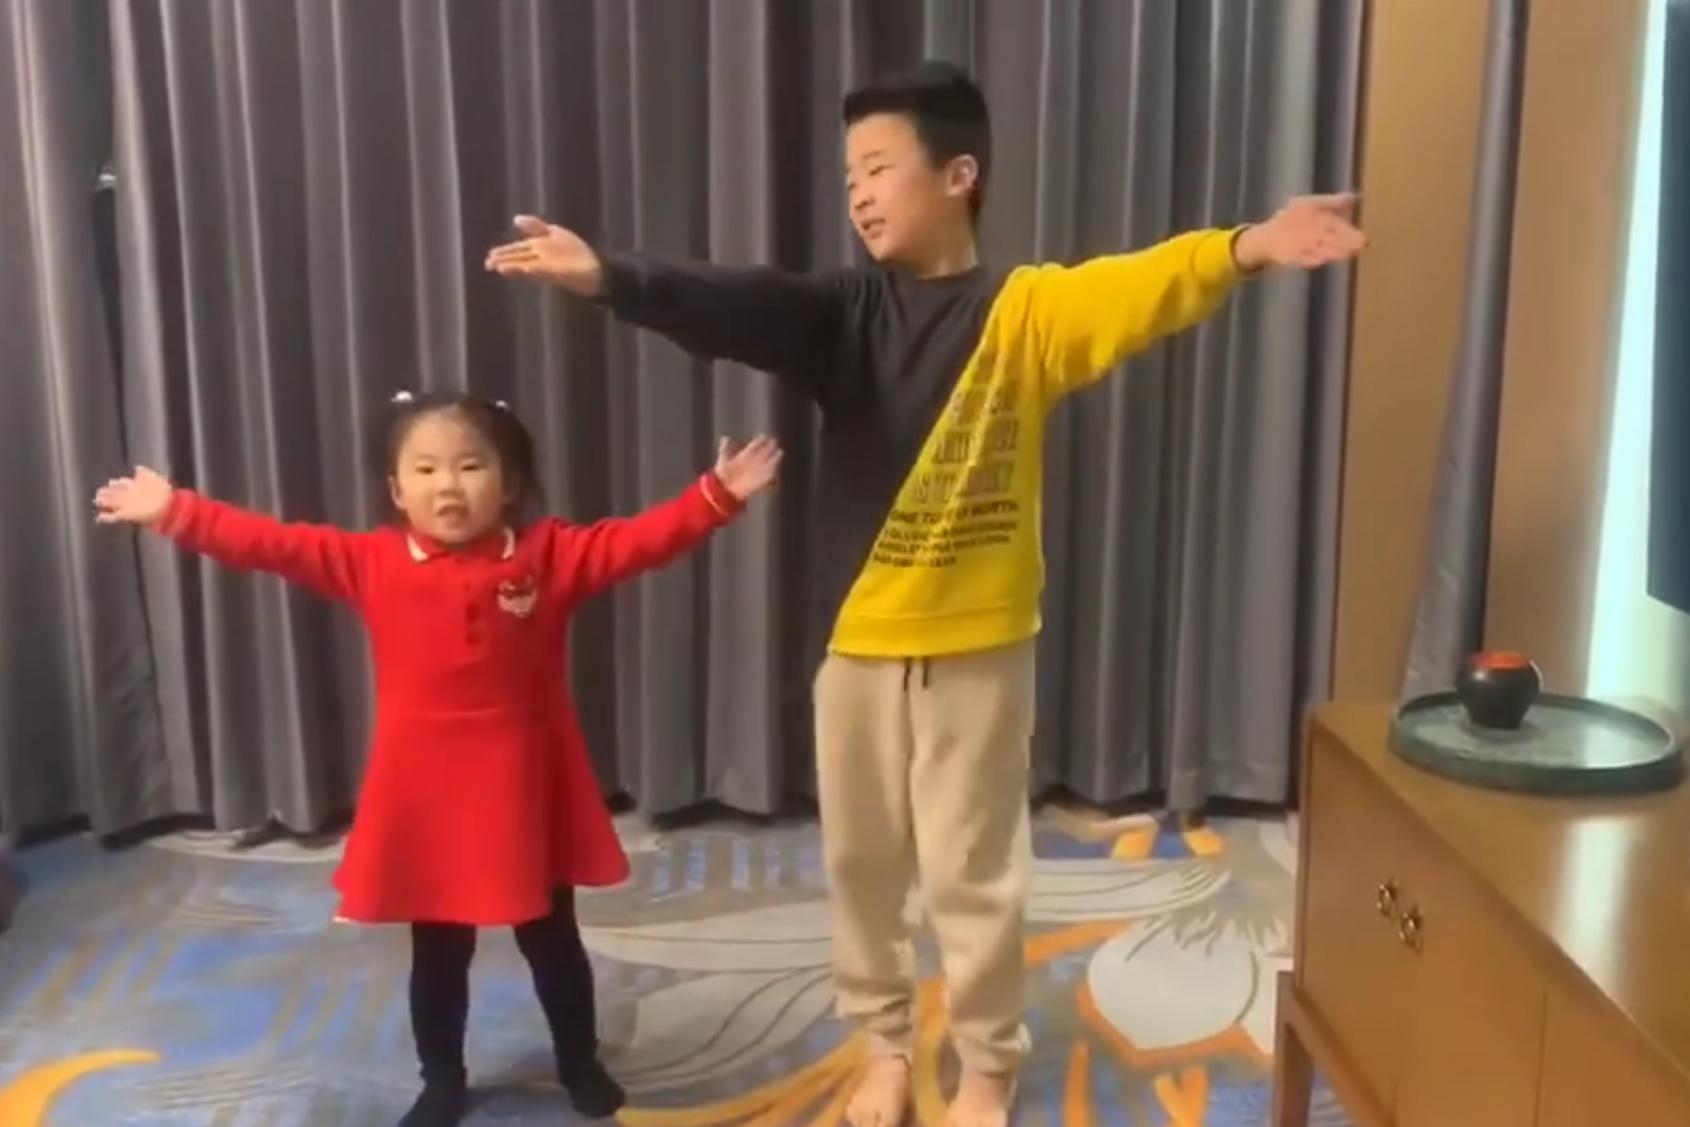 王楠和巨富老公迎新年,9岁儿子带3岁女儿演节目,笑笑山寨哥哥萌翻